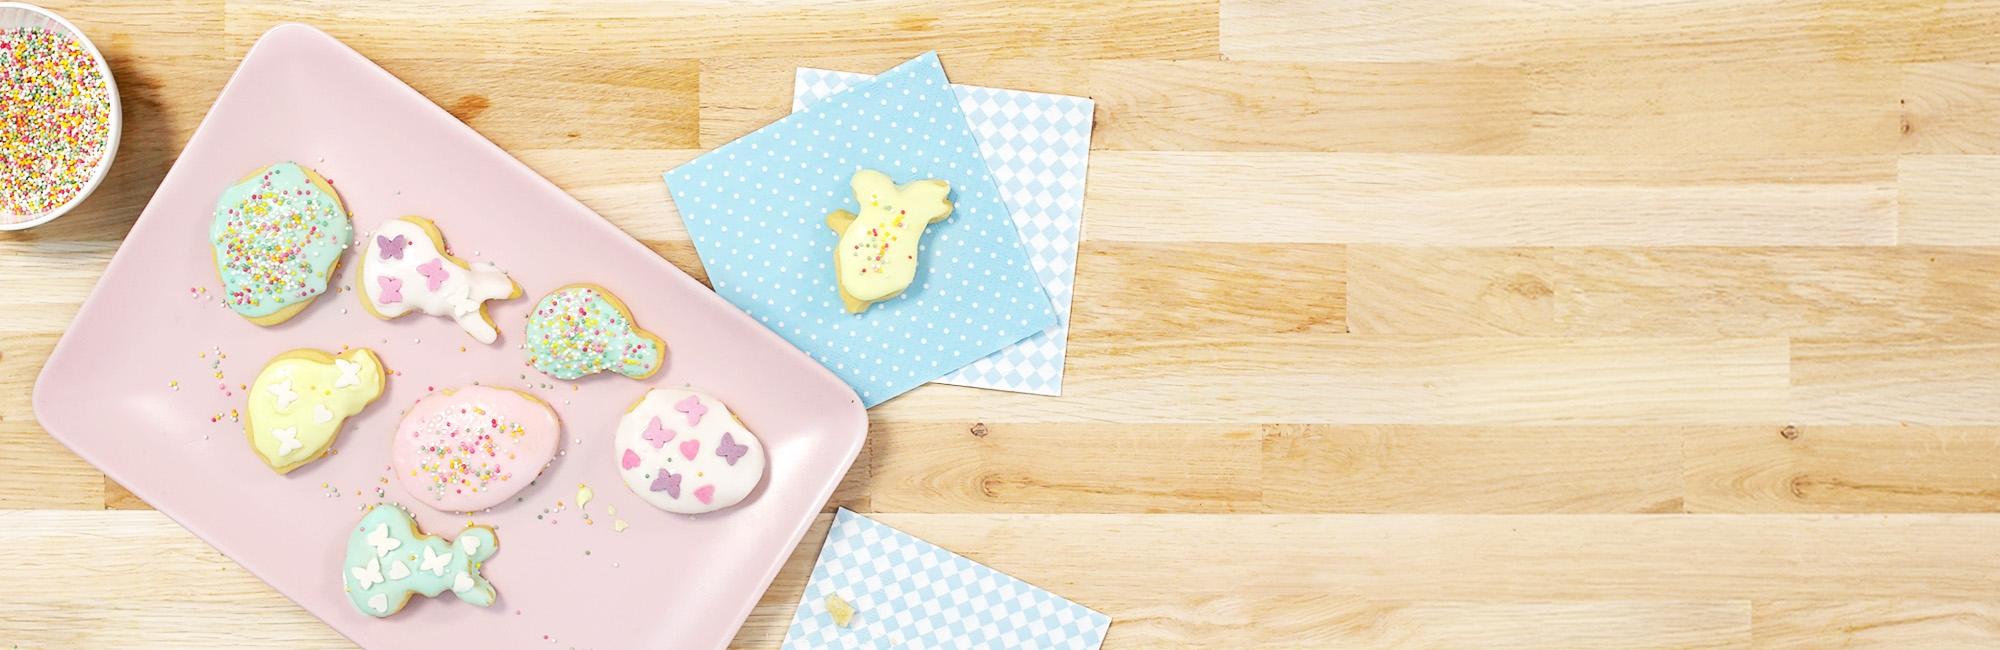 petits biscuits, biscuits sablés